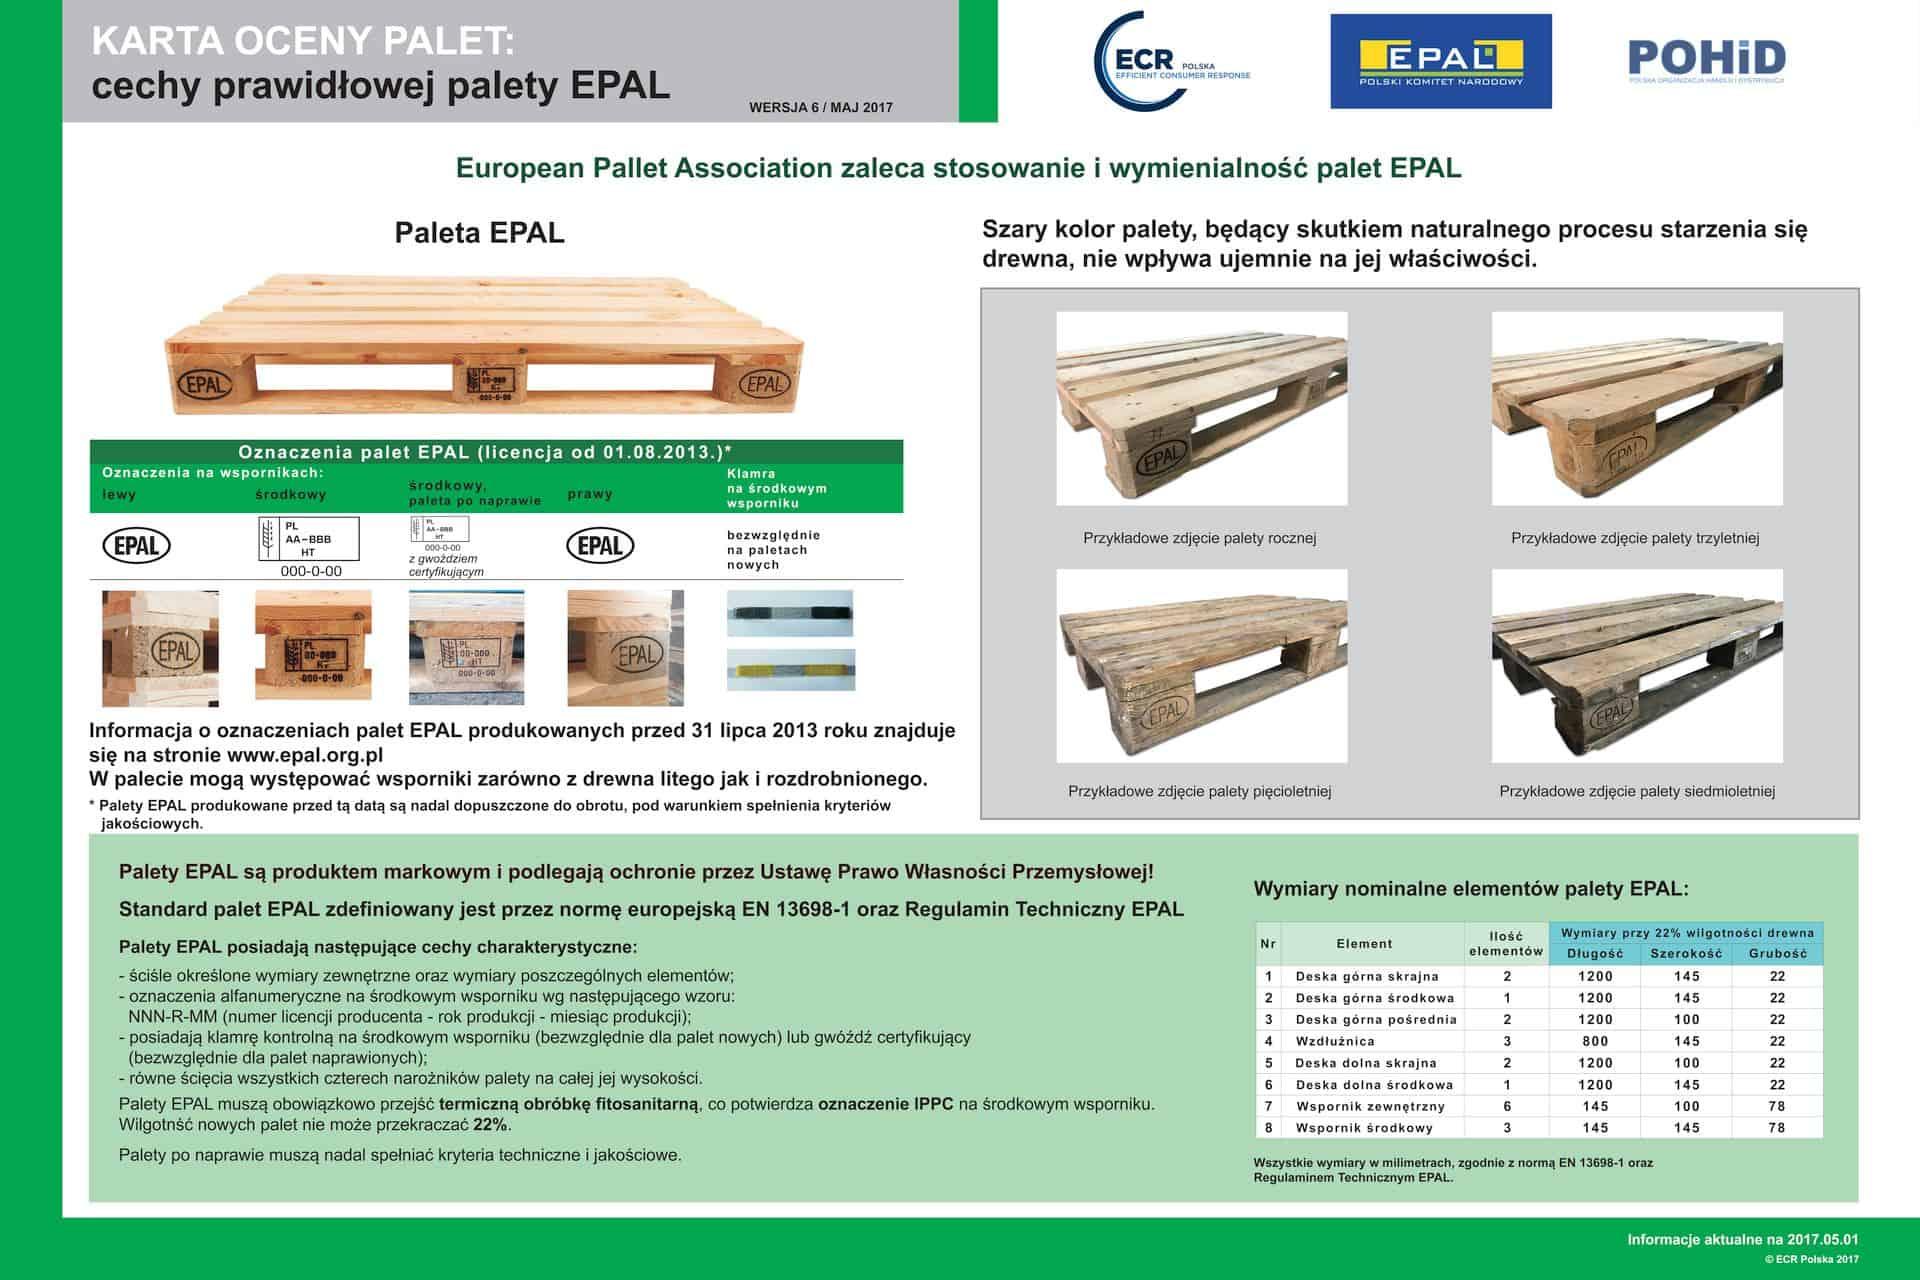 kryteria oceny palet EPAL